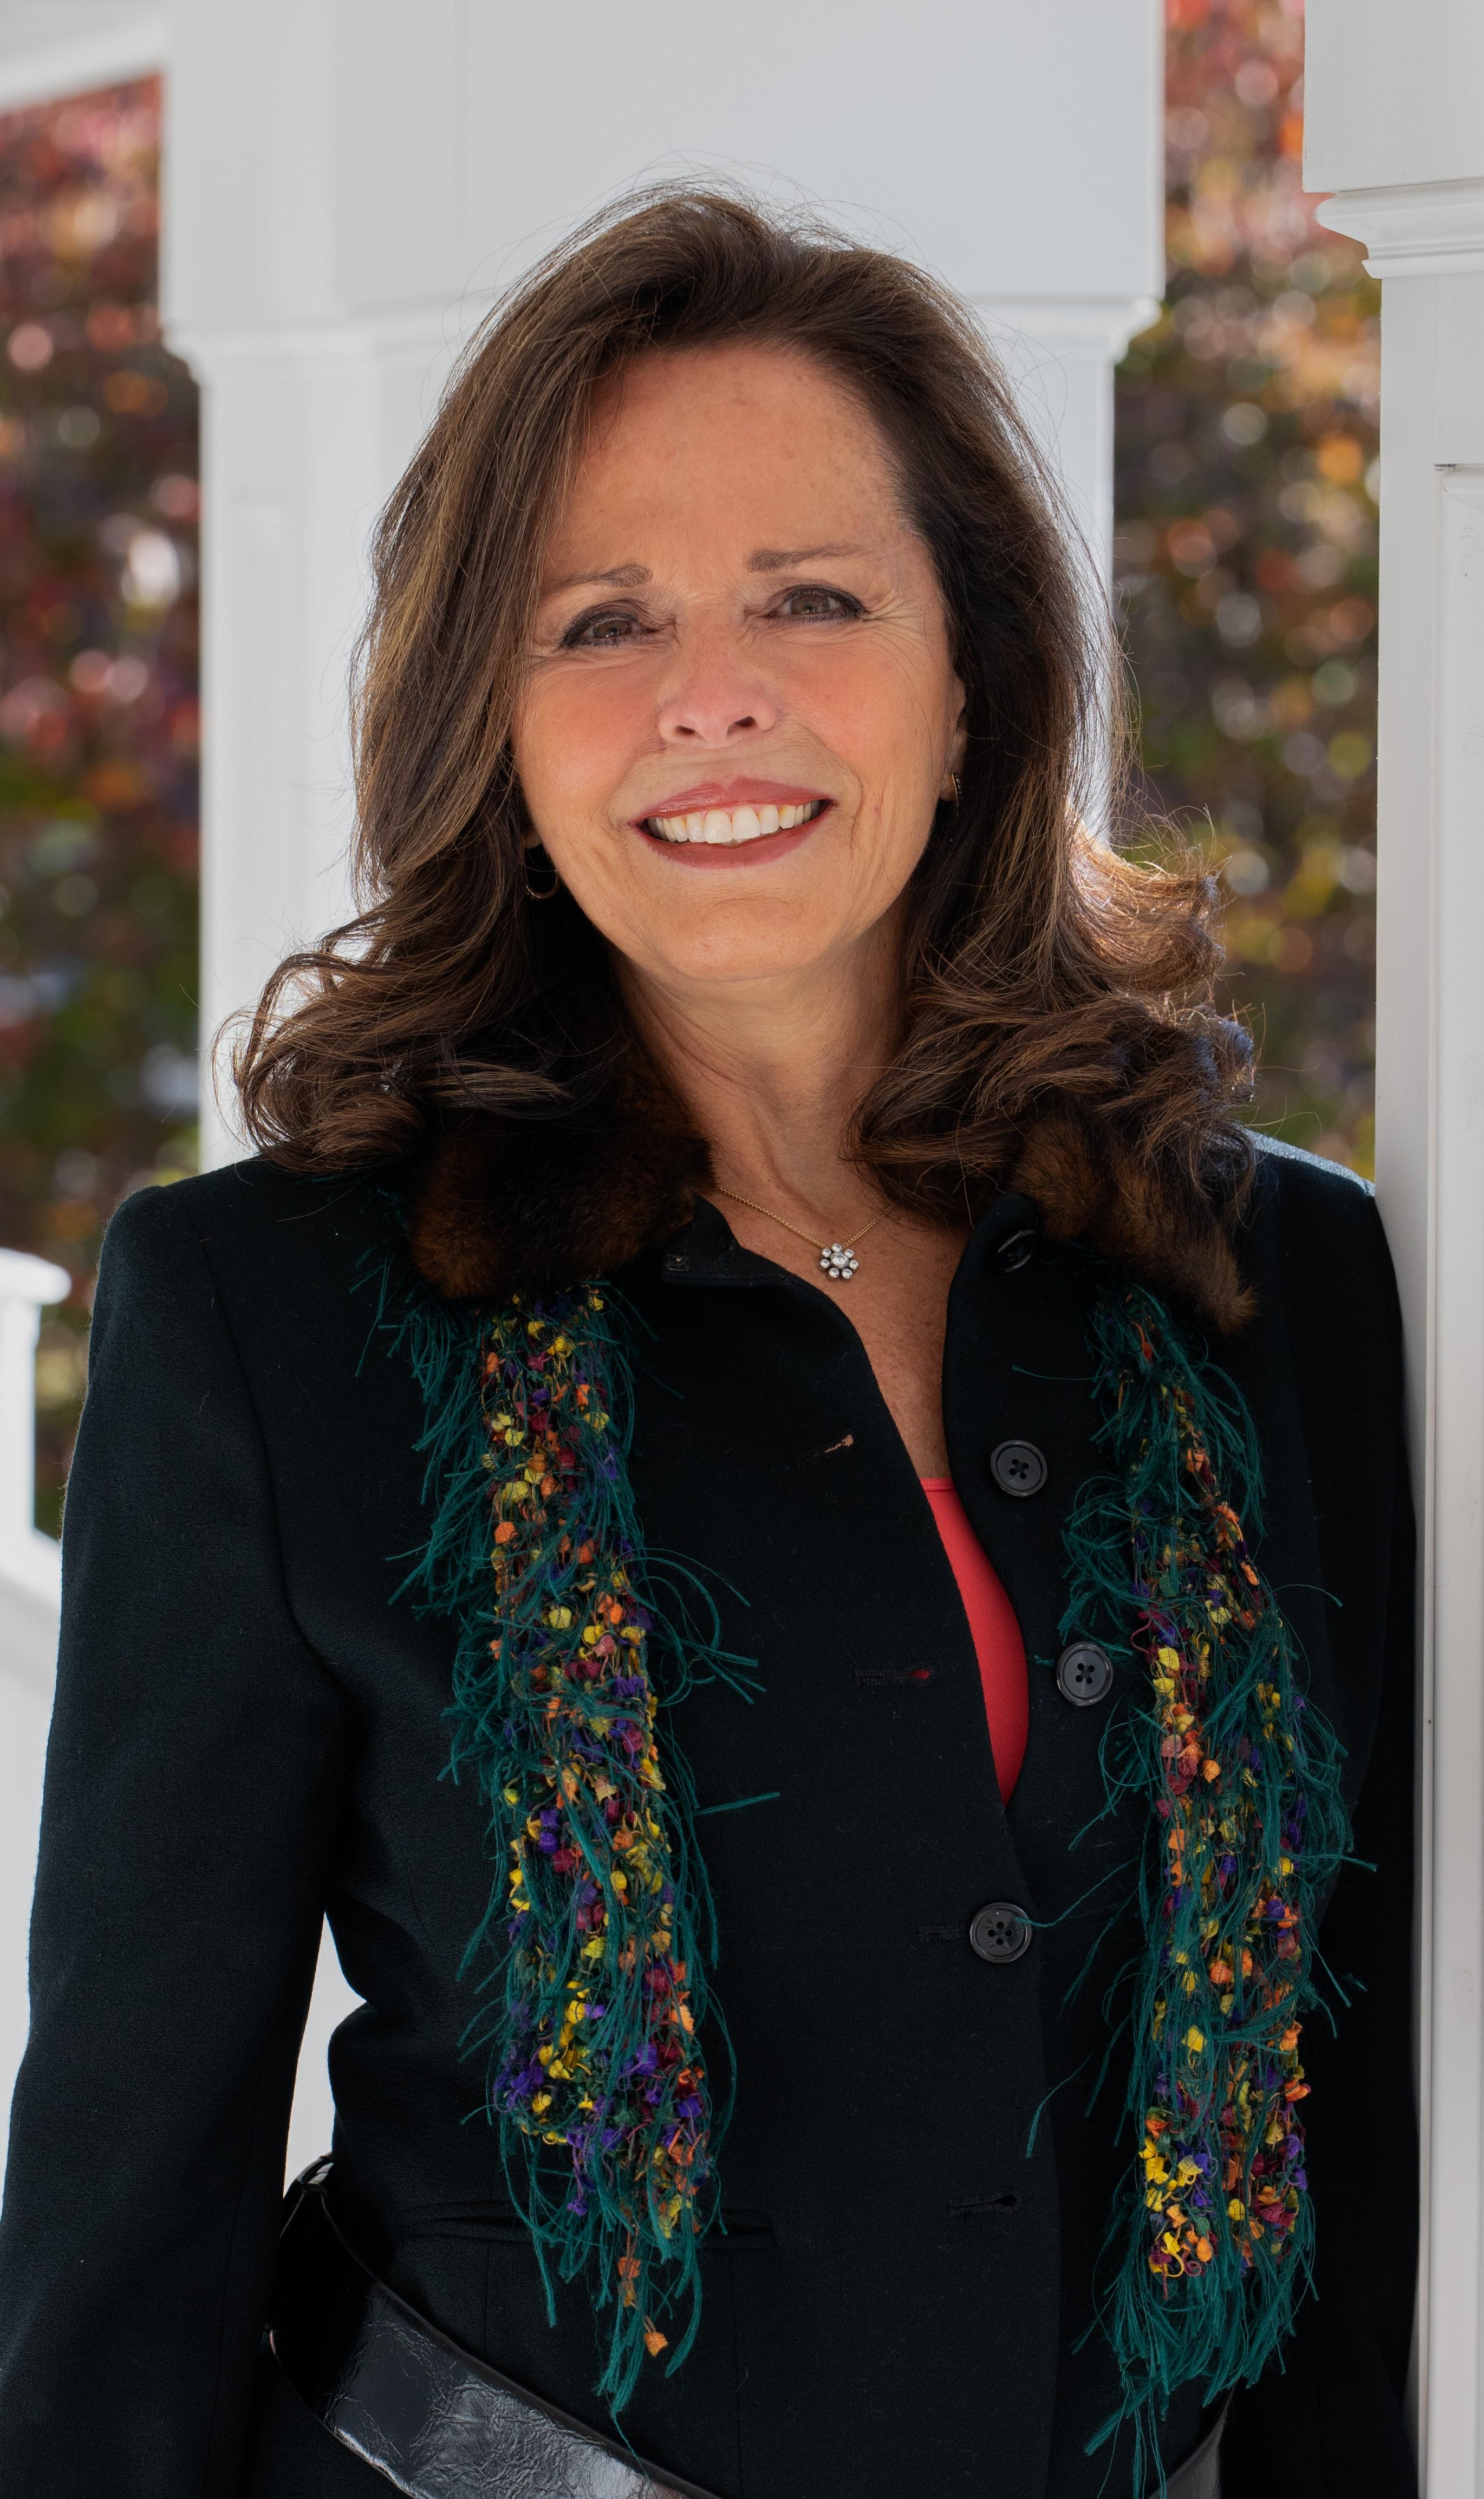 Cynthia Ruggiero